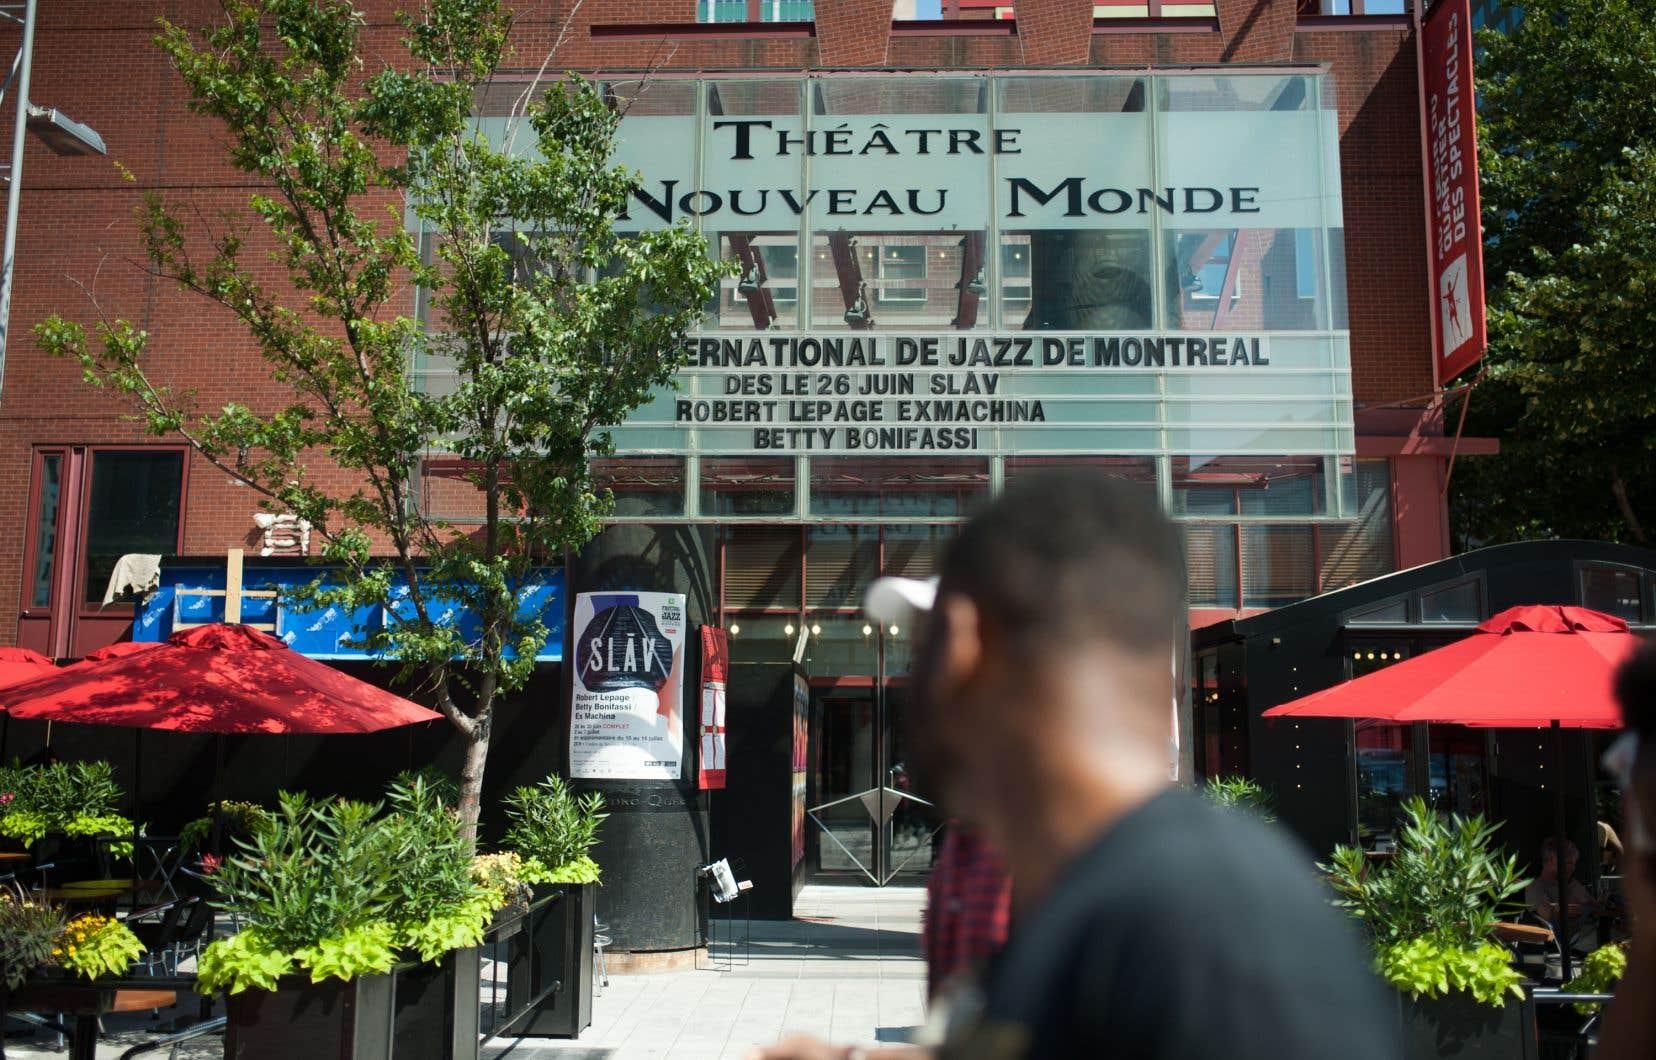 Le spectacle de Robert Lepage et Betty Bonifassi a vu sa diffusion écourtée.